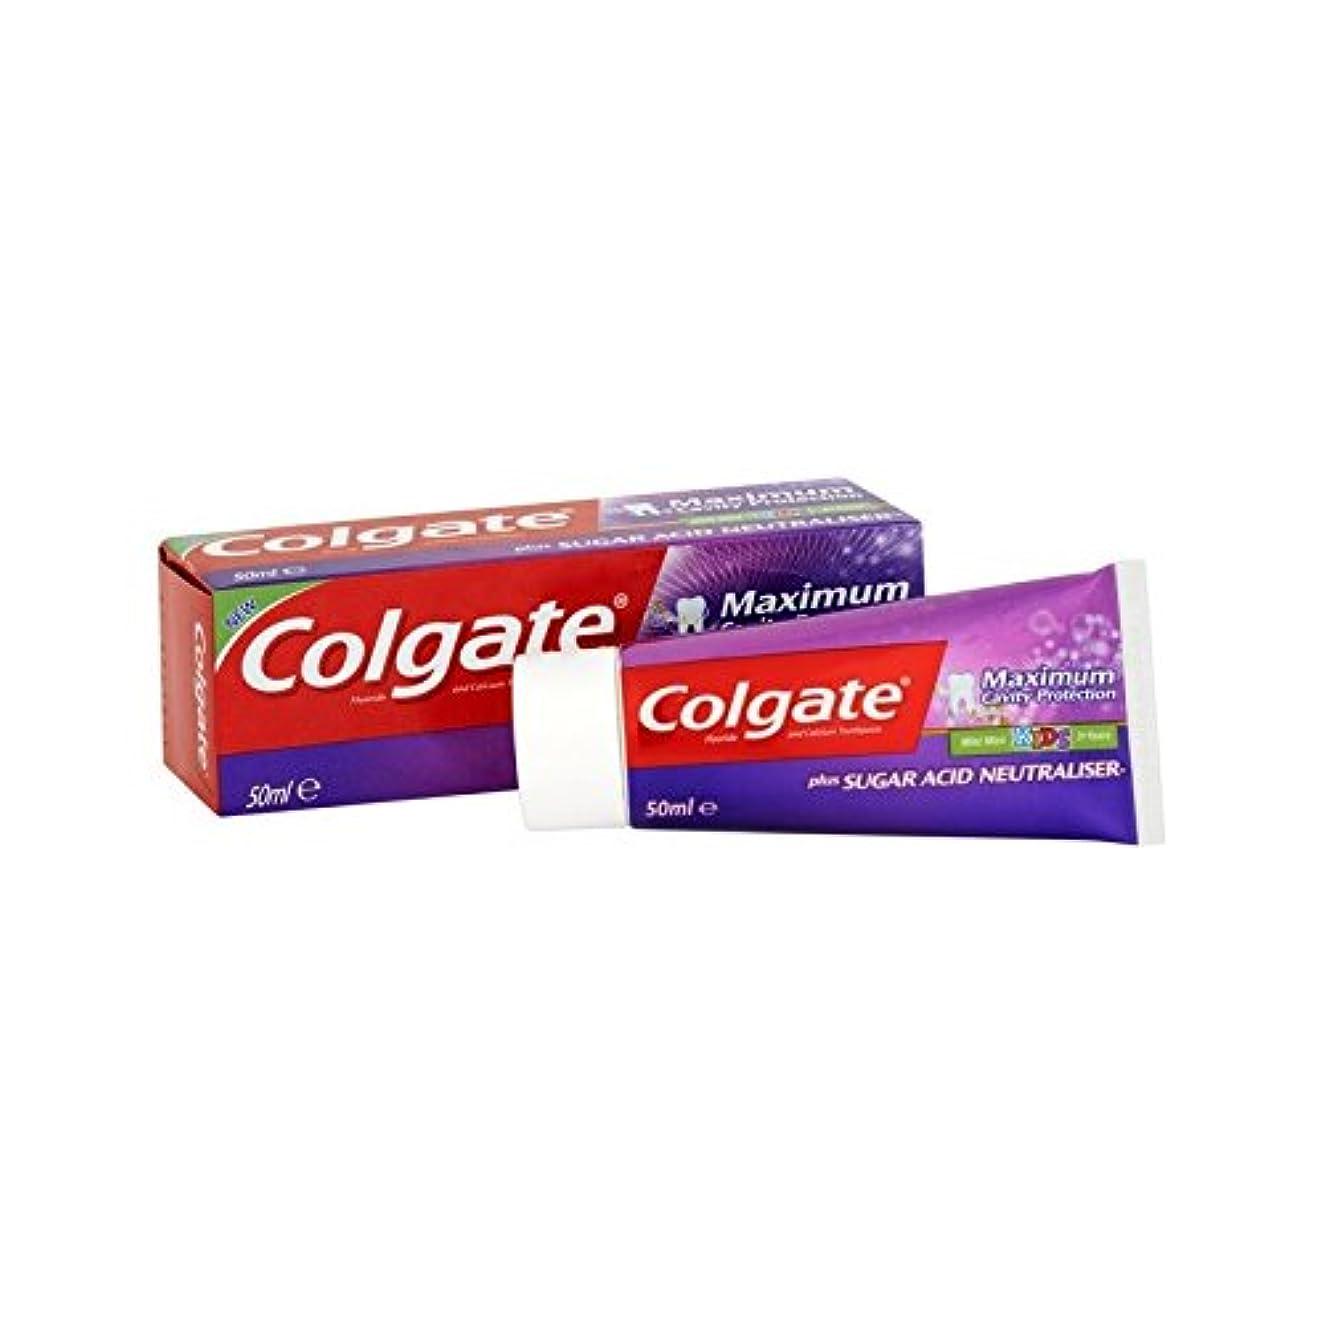 本気バーマドバスルーム最大空洞の子供の50ミリリットルを保護 (Colgate) (x 4) - Colgate Maximum Cavity Protect Kids 50ml (Pack of 4) [並行輸入品]